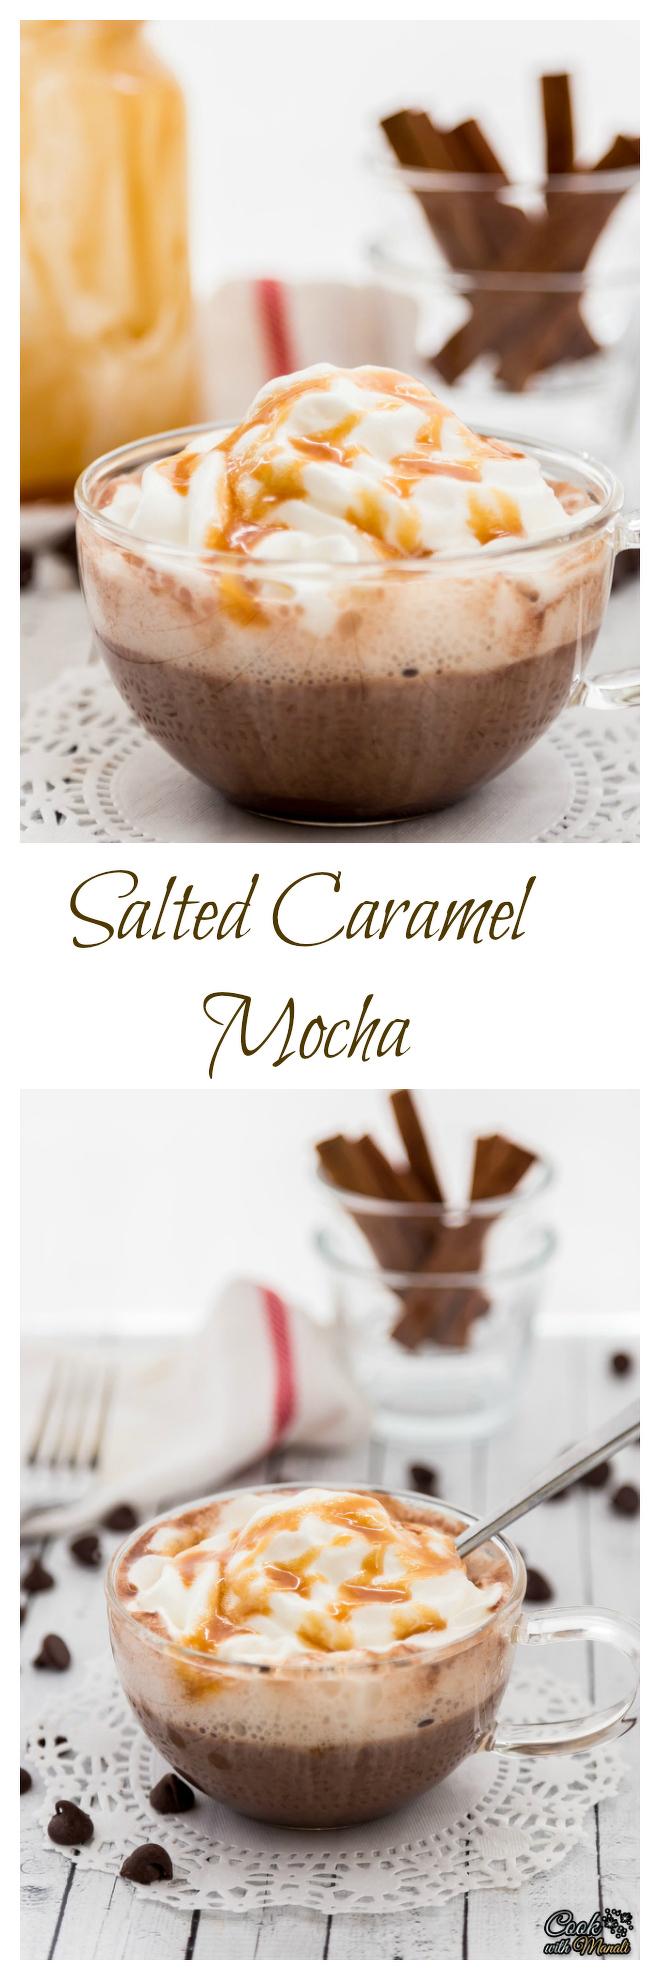 Salted Caramel Mocha Collage-nocwm